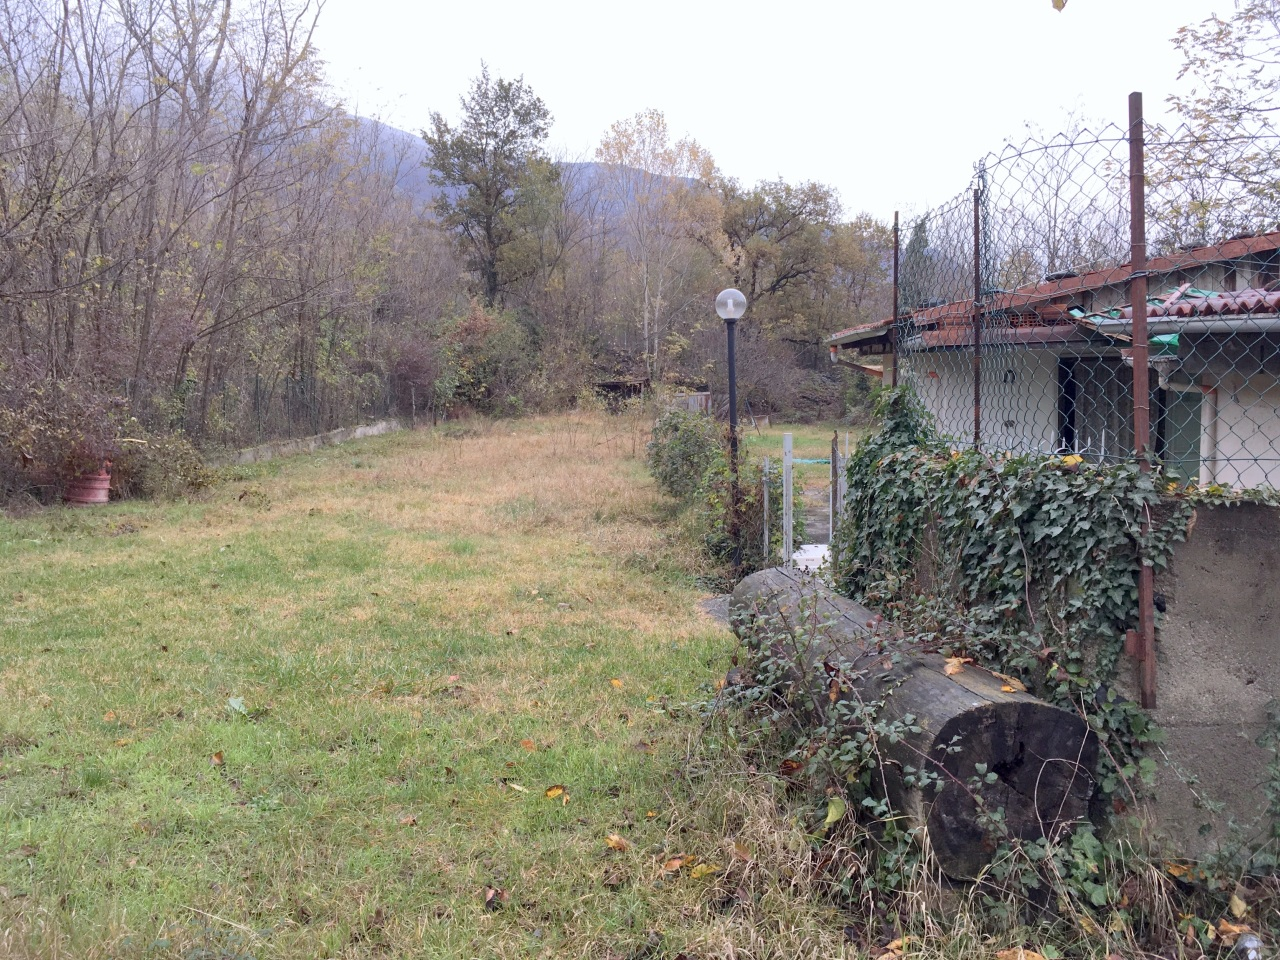 Terreno Agricolo in vendita a Chianocco, 2 locali, prezzo € 19.000 | PortaleAgenzieImmobiliari.it